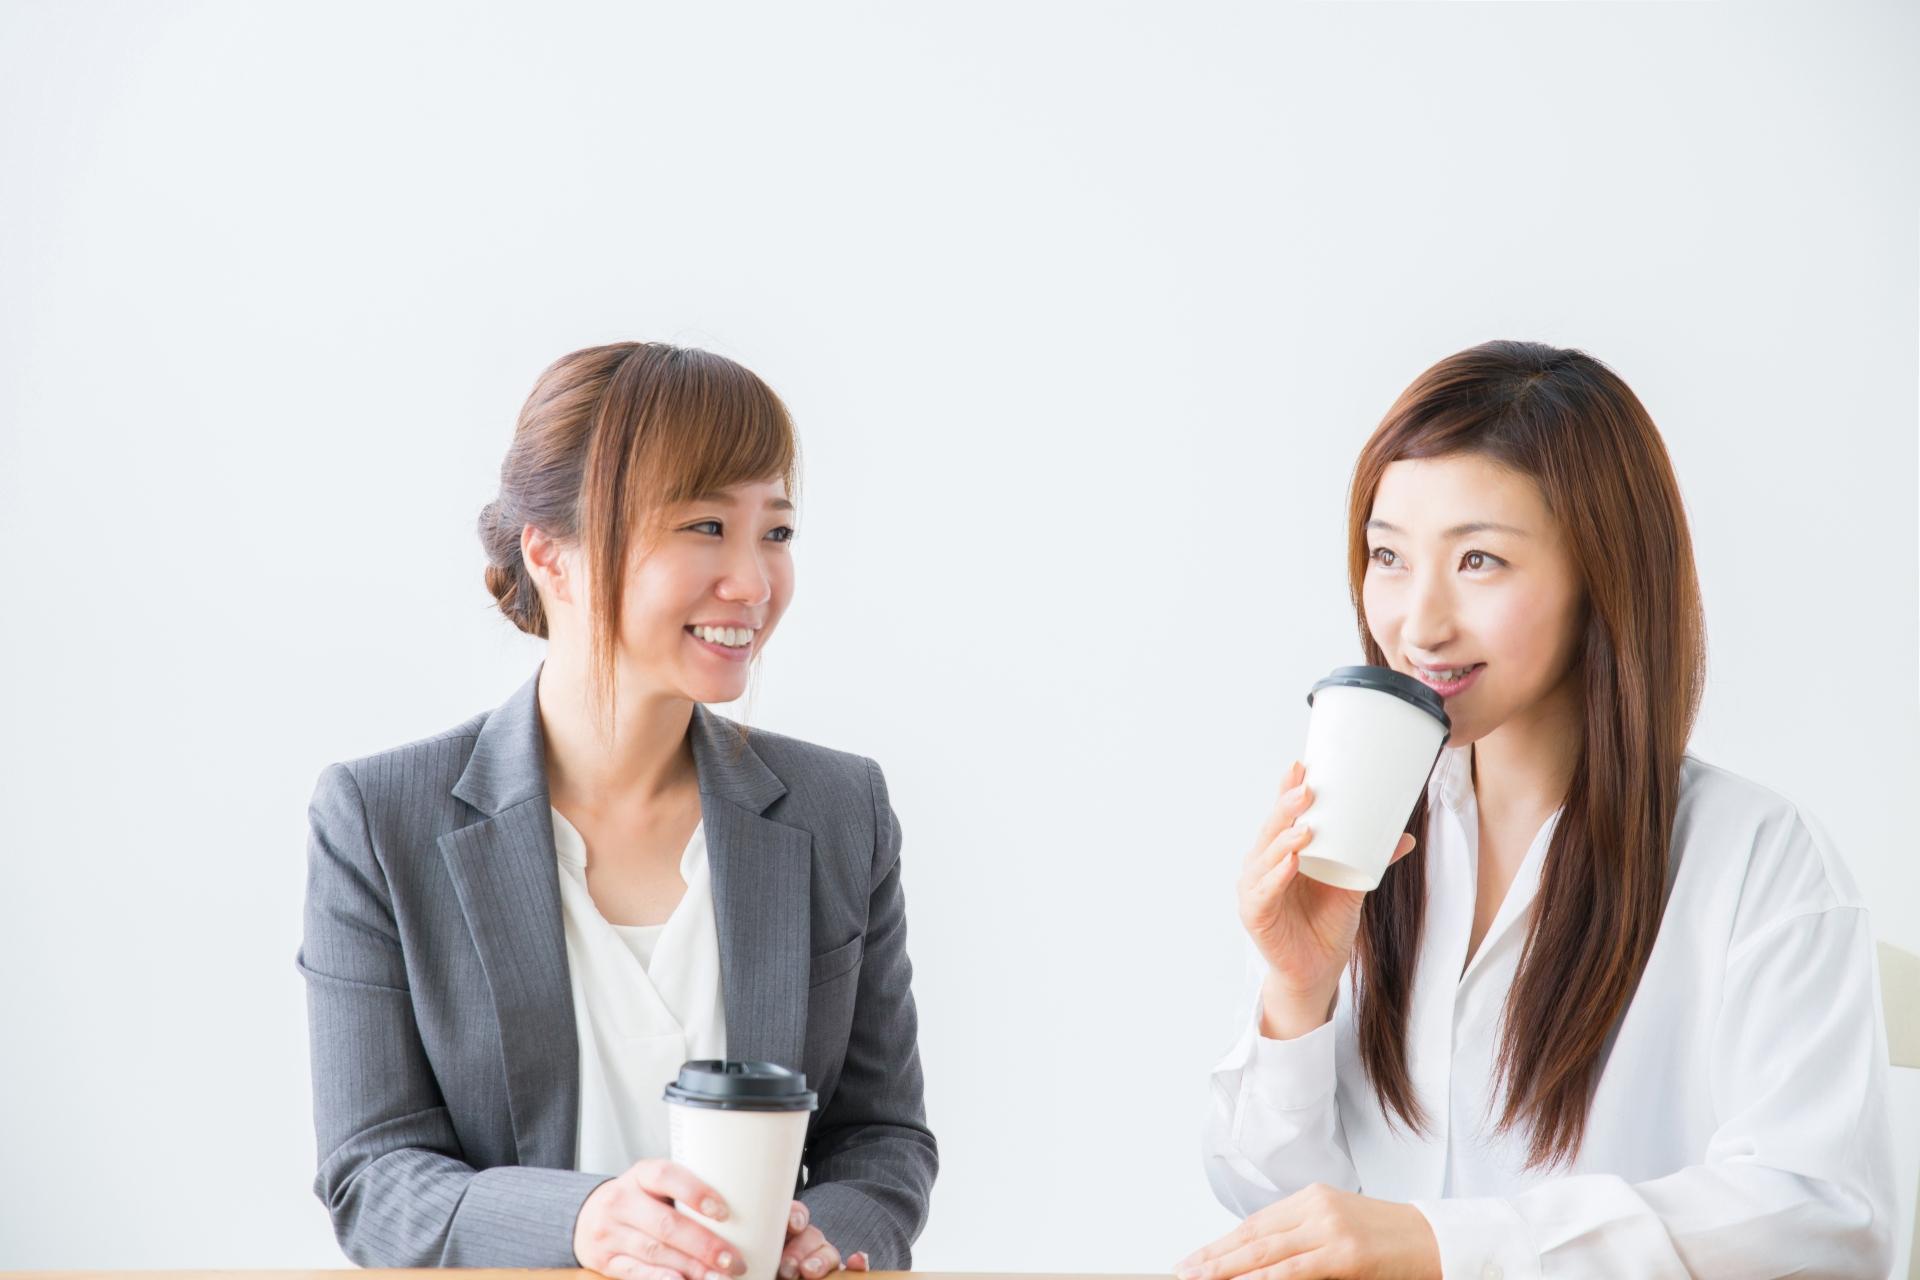 友達と会話を楽しむ女性